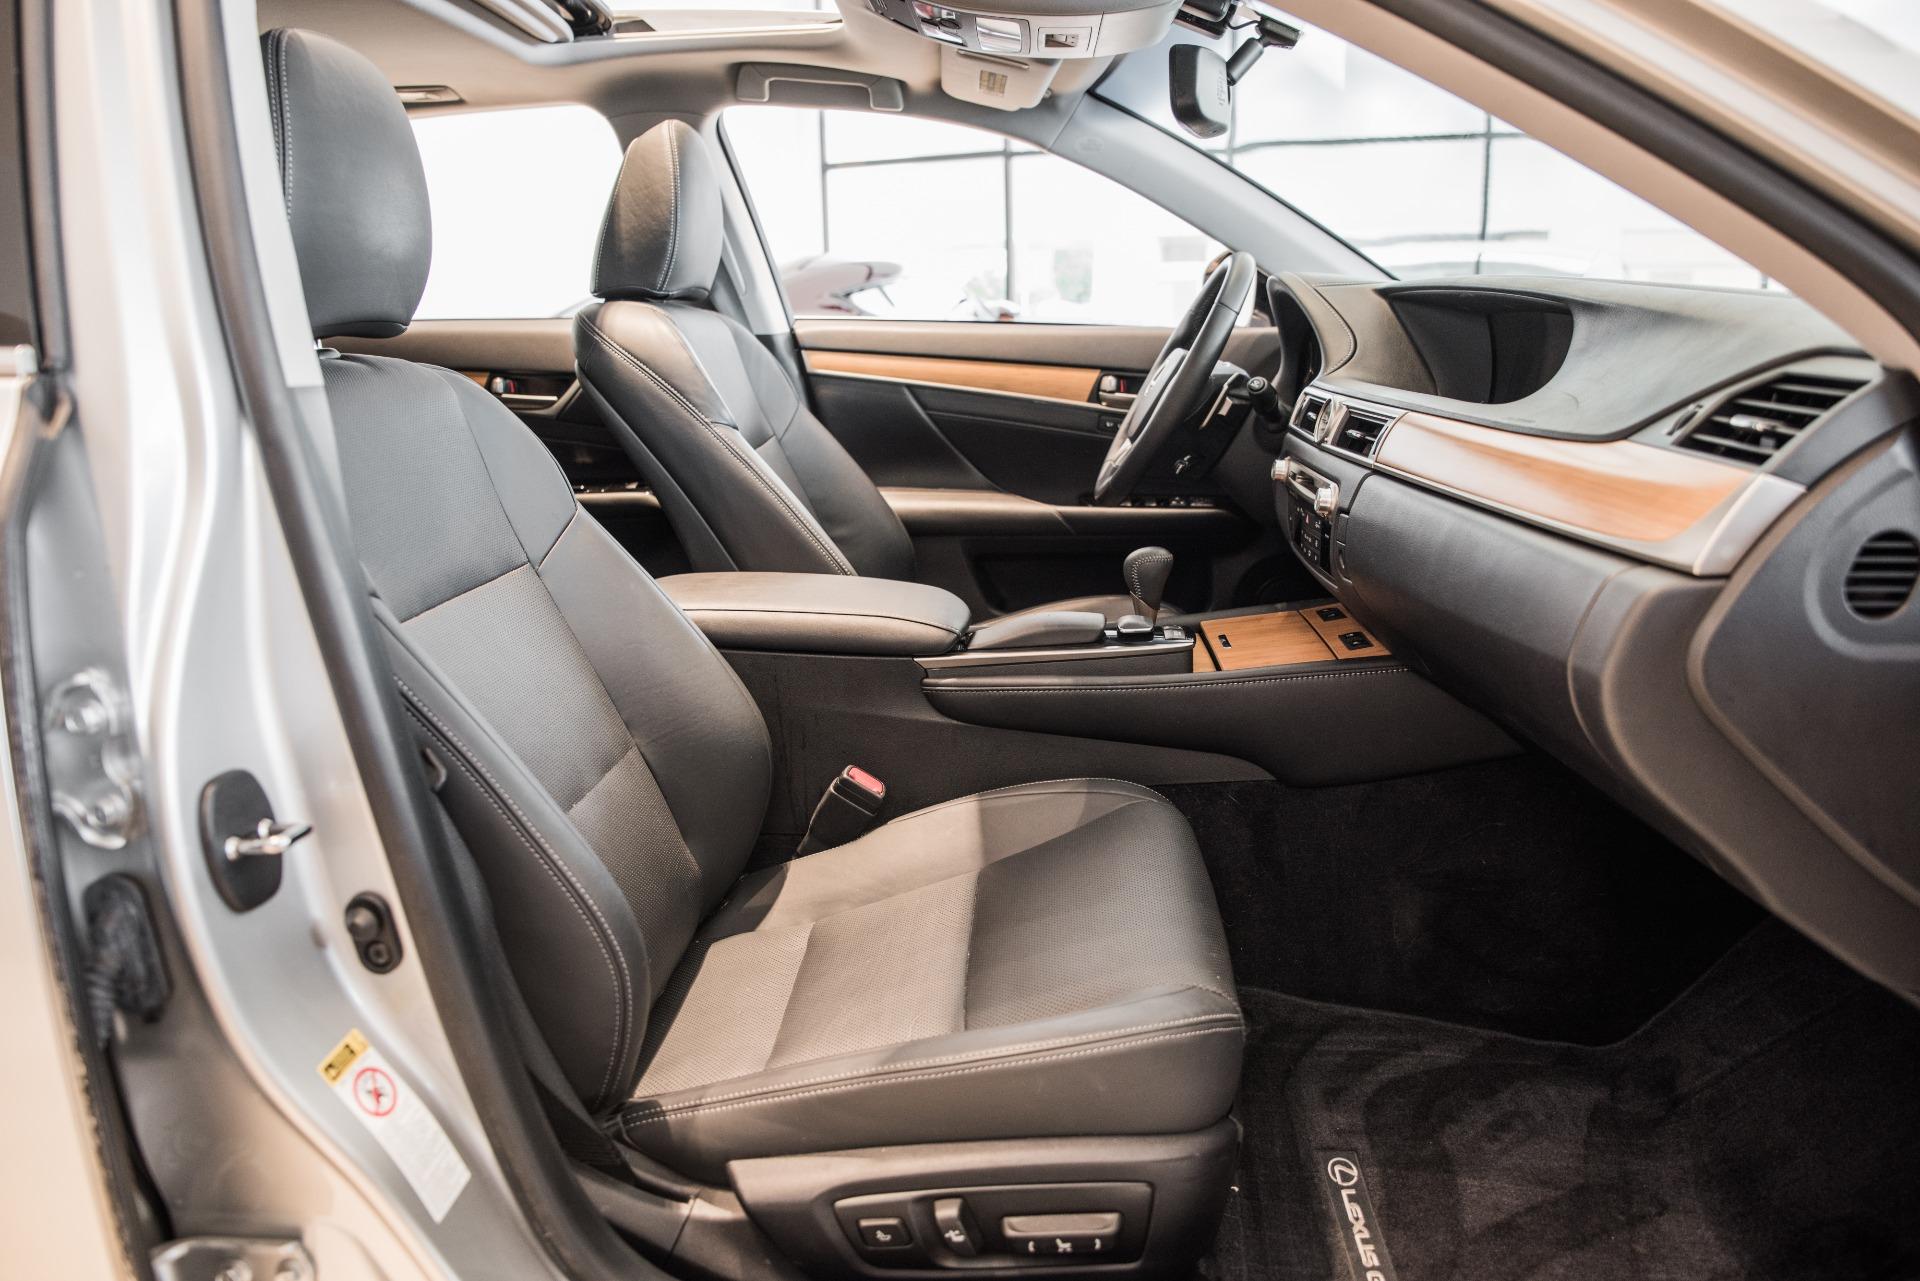 Used-2013-Lexus-GS-450h